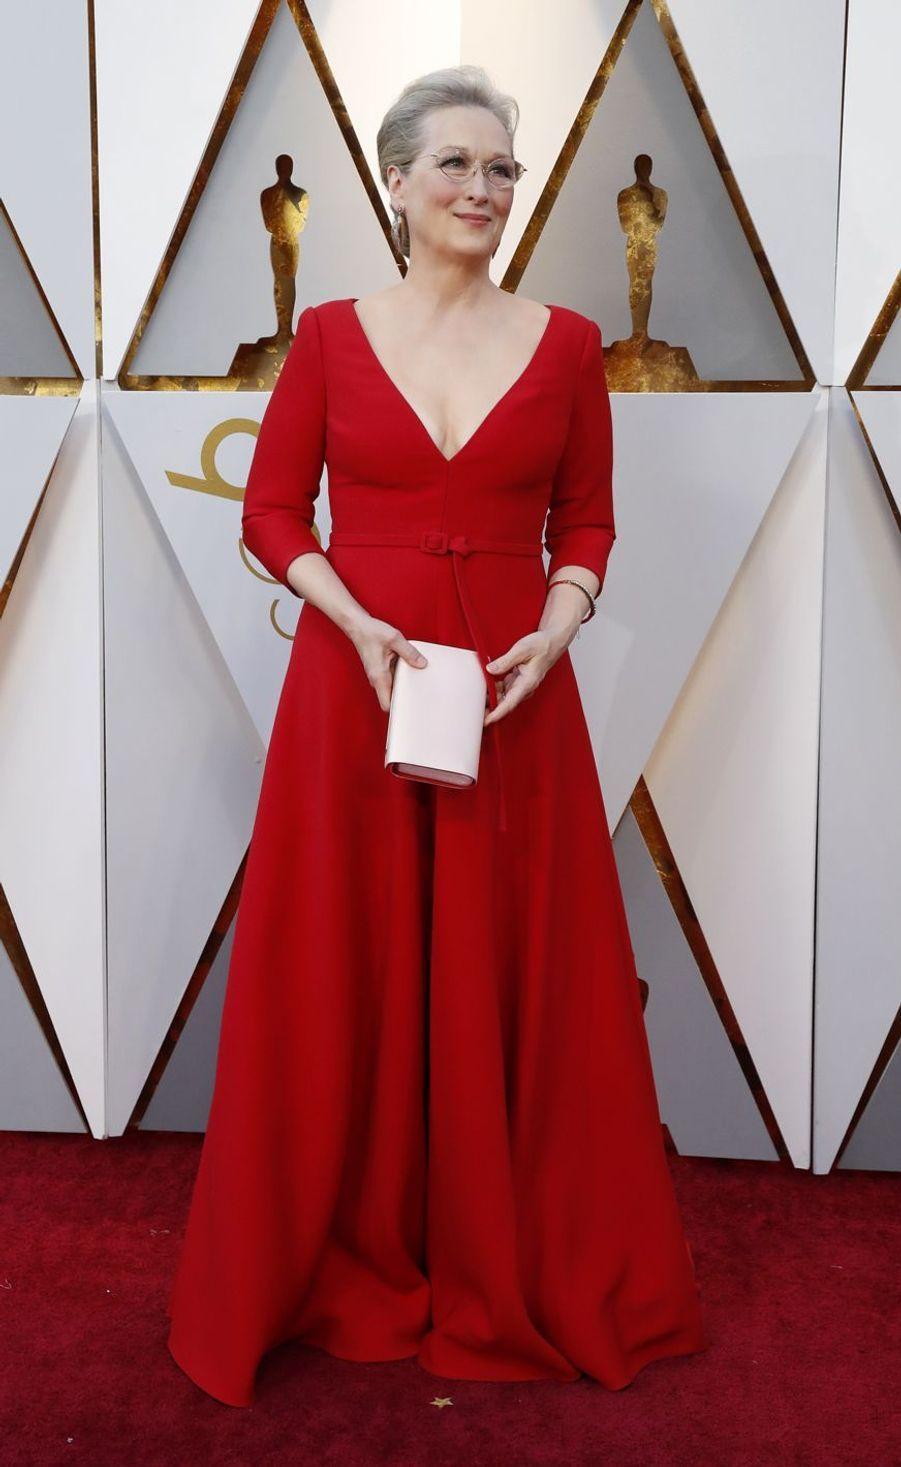 Meryl Streep àHollywood, le 4 mars 2018